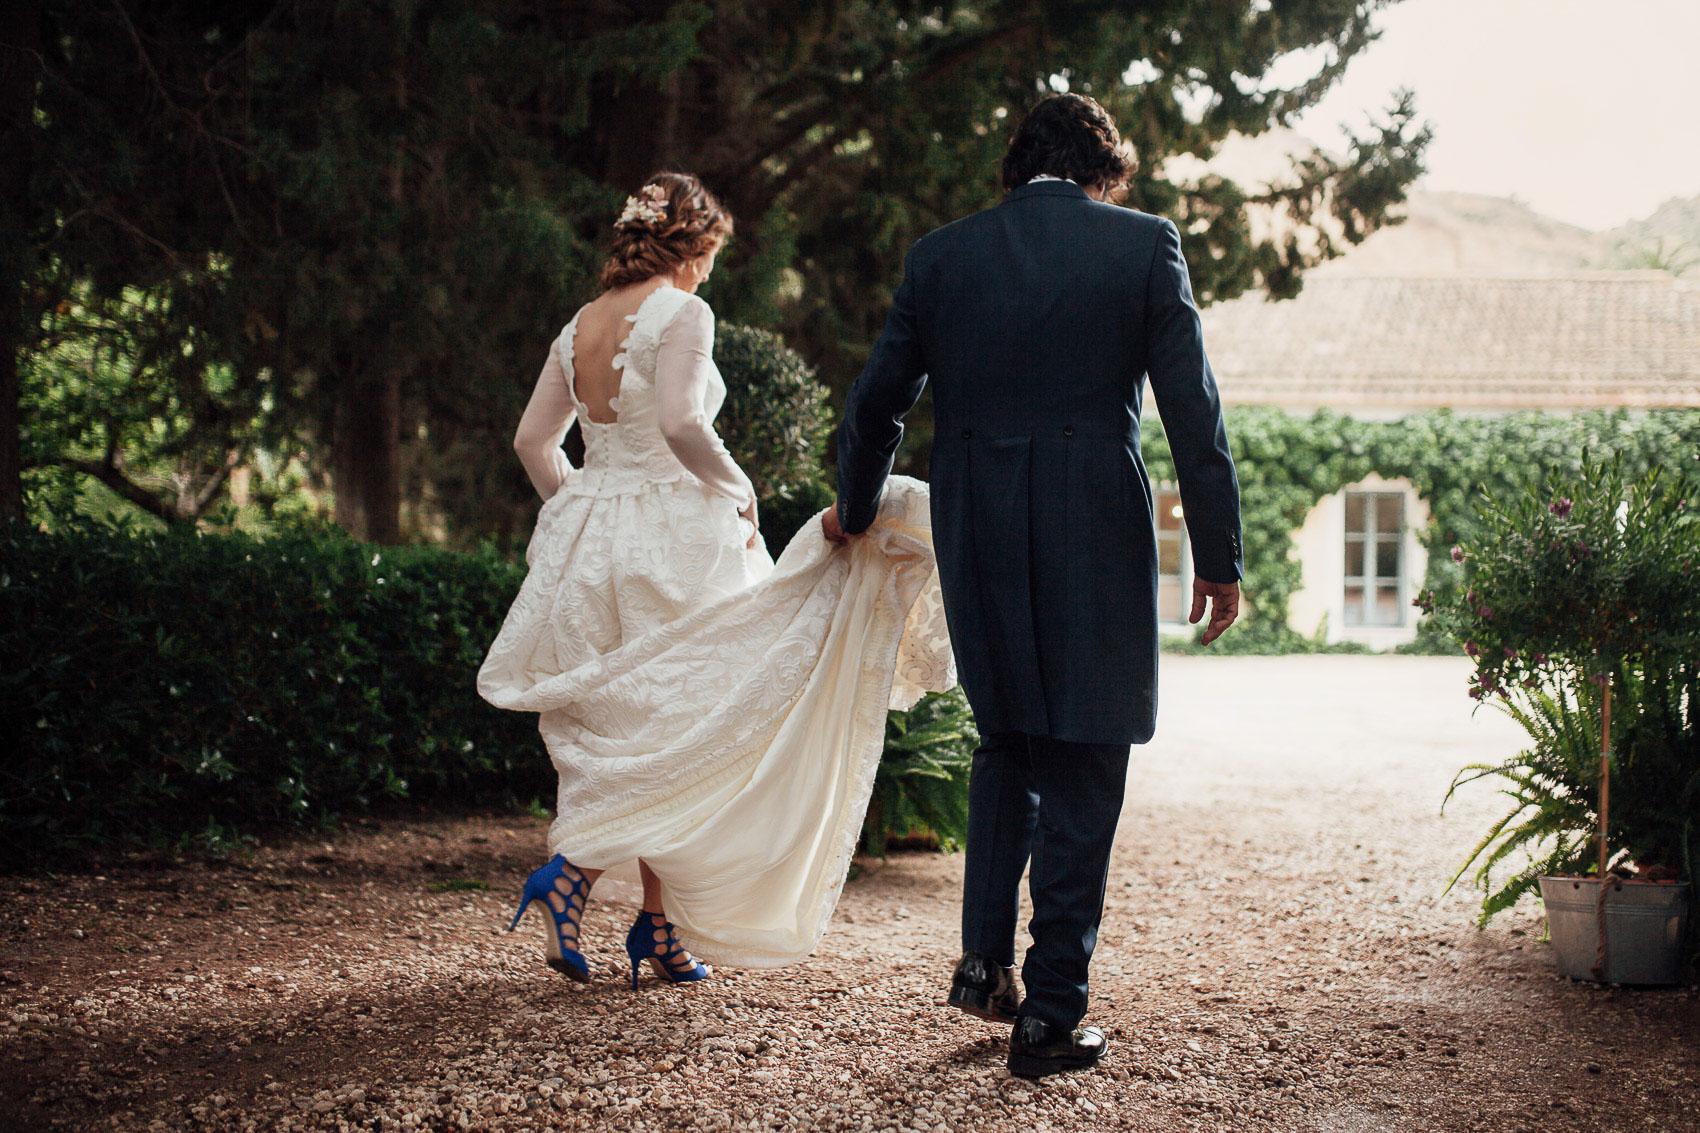 pareja novios boda vestido tacones traje